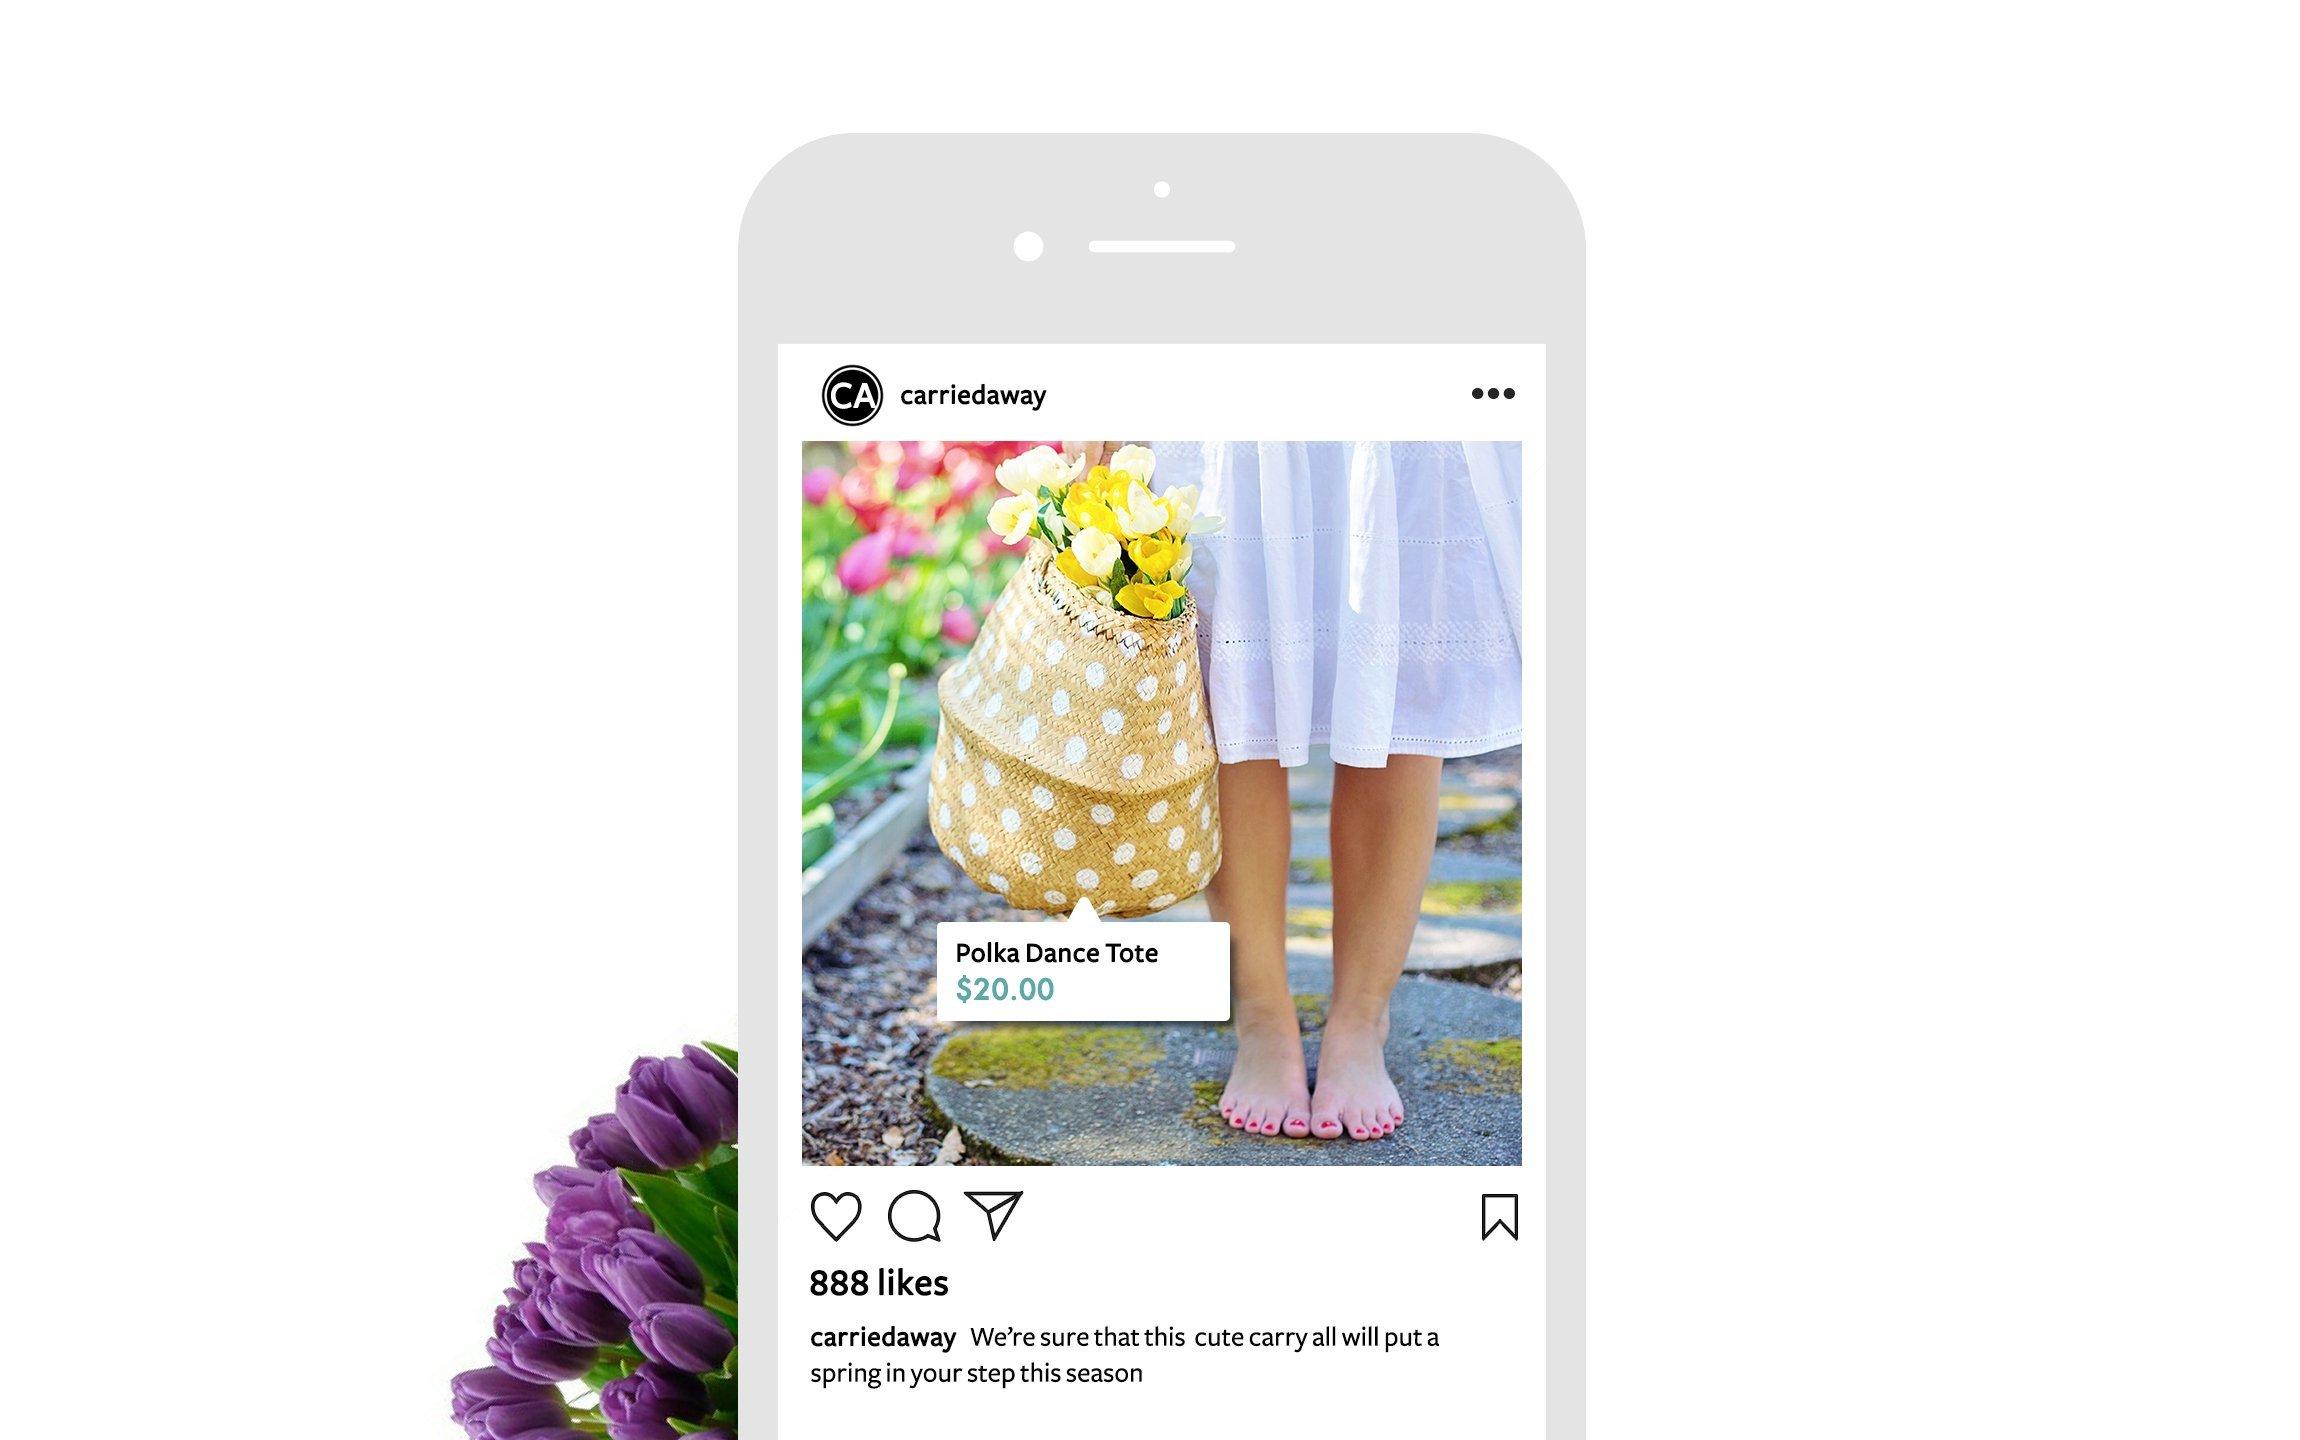 Instagram Shopping Post